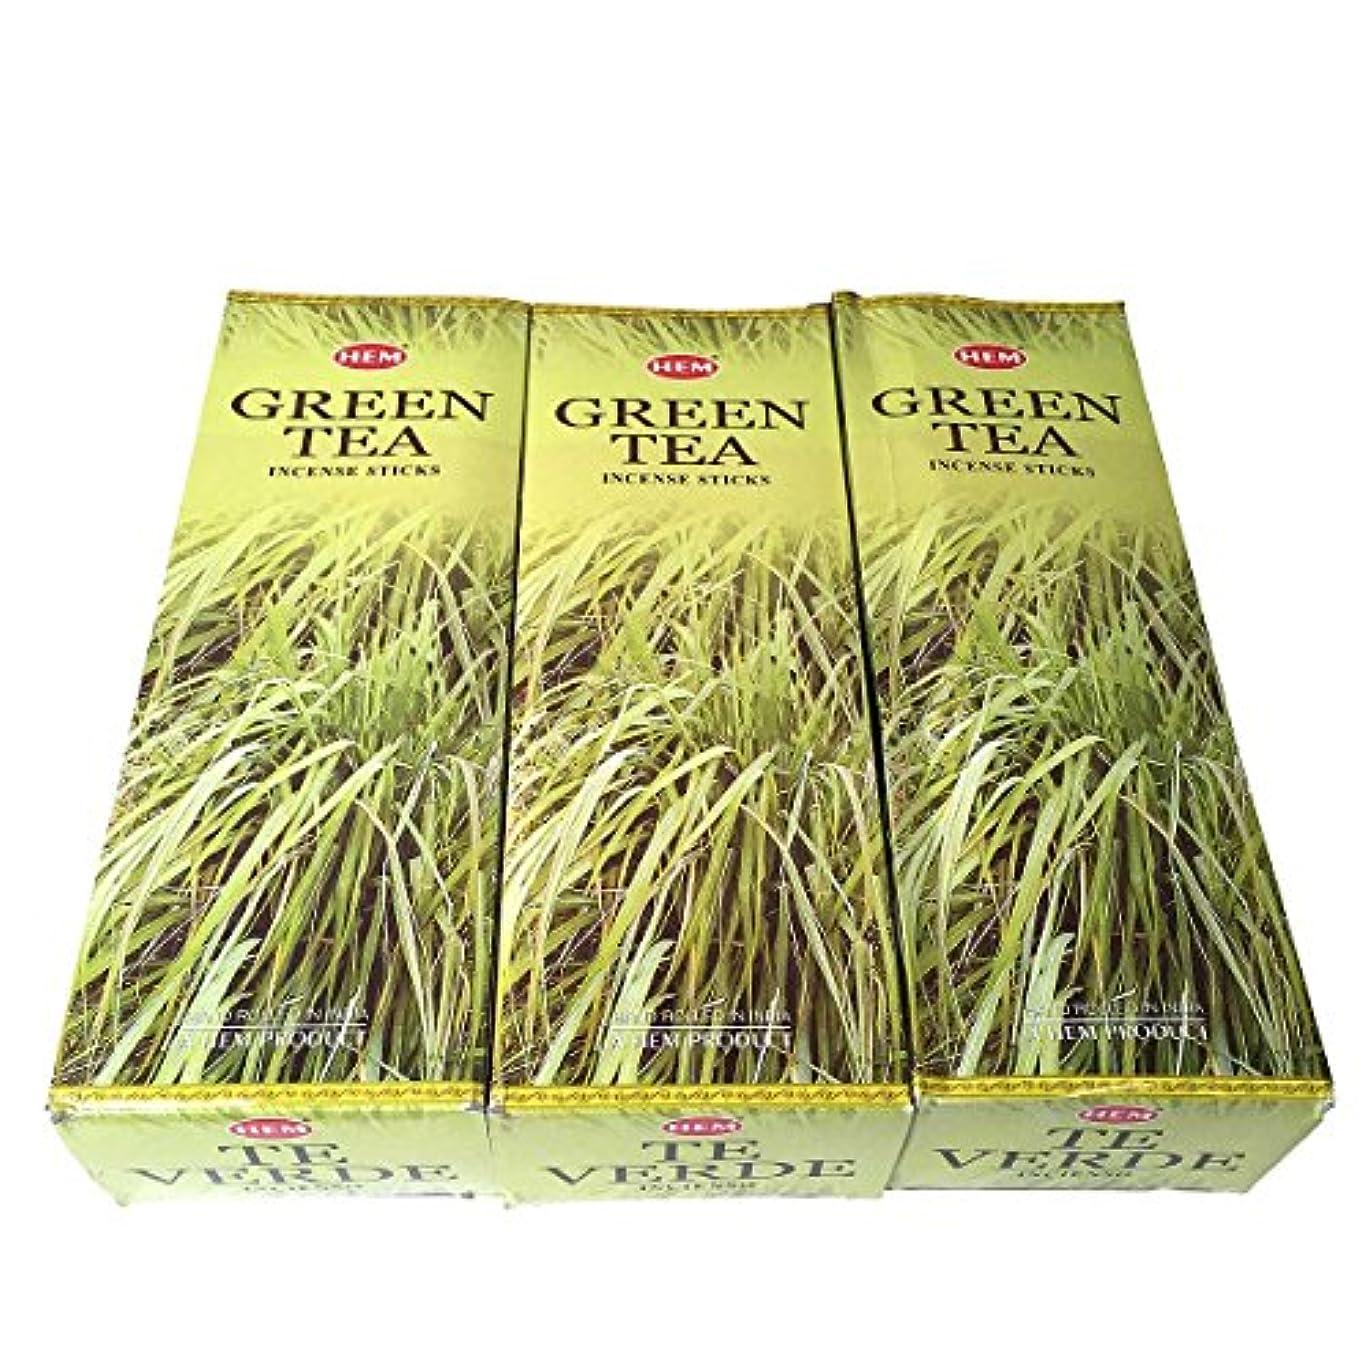 巻き戻すトランクライブラリ分類グリーンティー香スティック 3BOX(18箱) /HEM Green Tea/インセンス/インド香 お香 [並行輸入品]